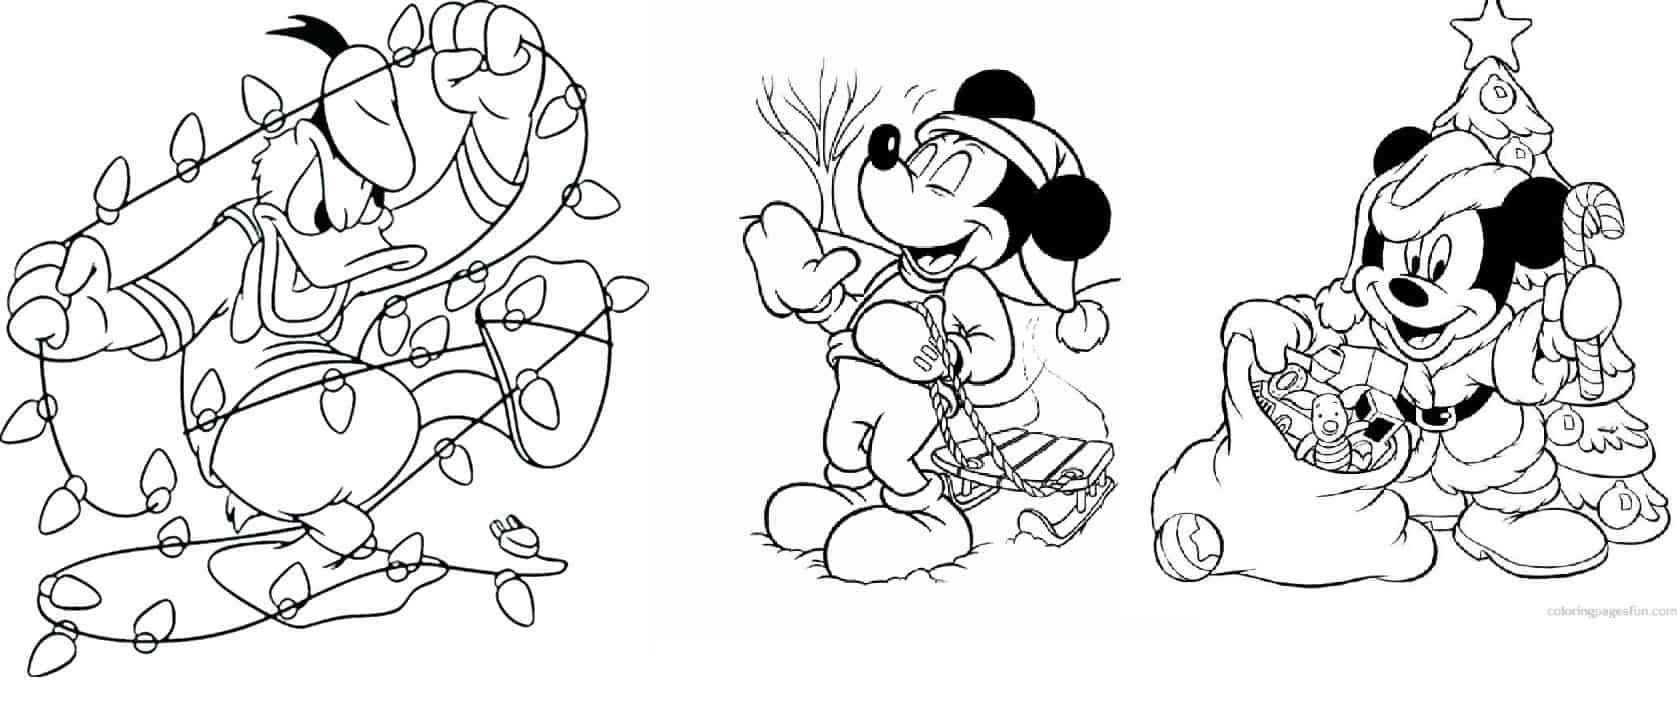 desenhos do Mickey para pintar